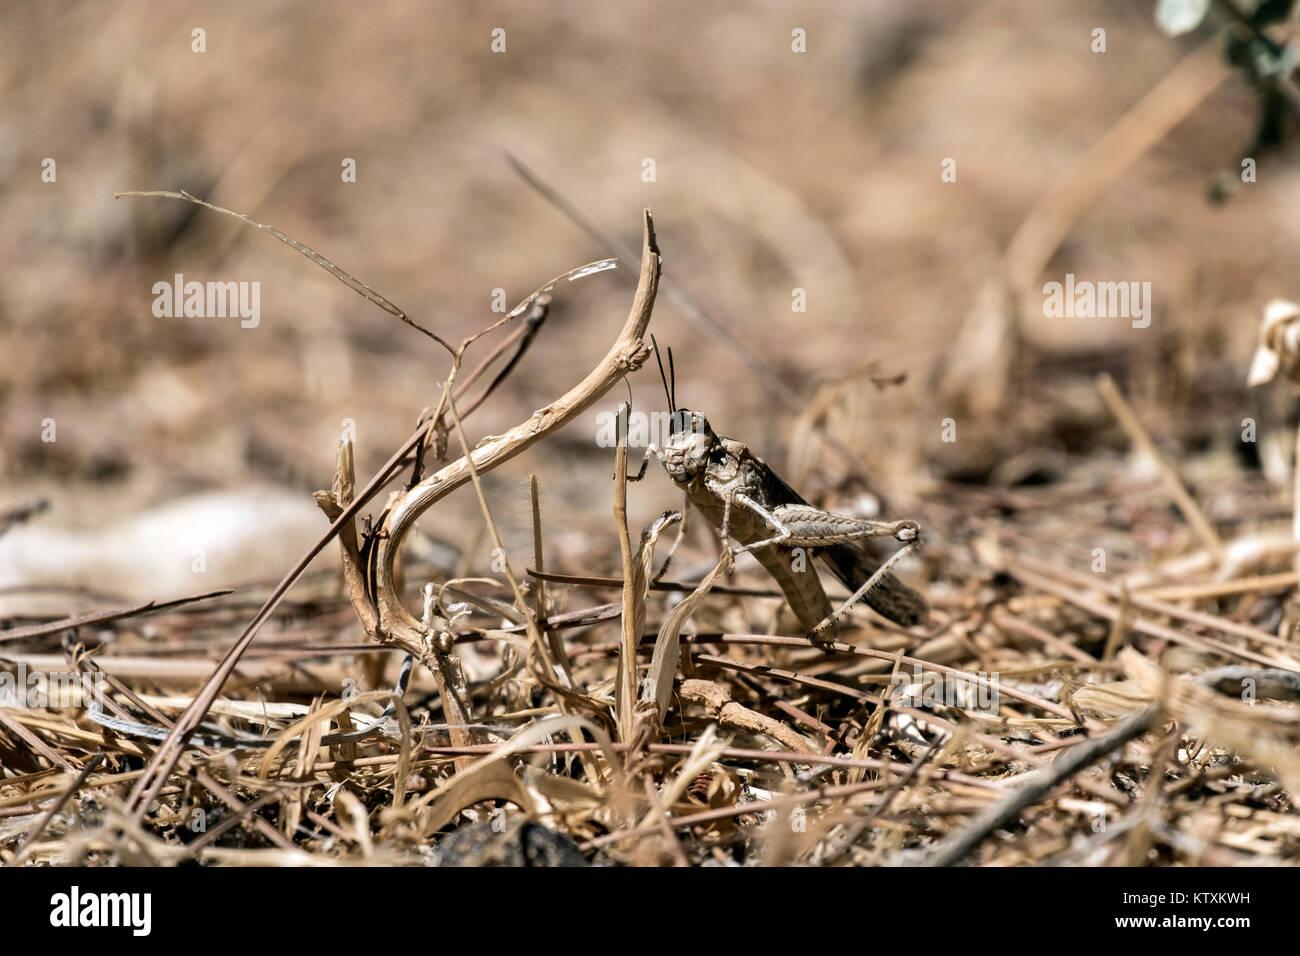 Desert locust hid in the dry grass (Sphingonotus octofasciatus) - Stock Image